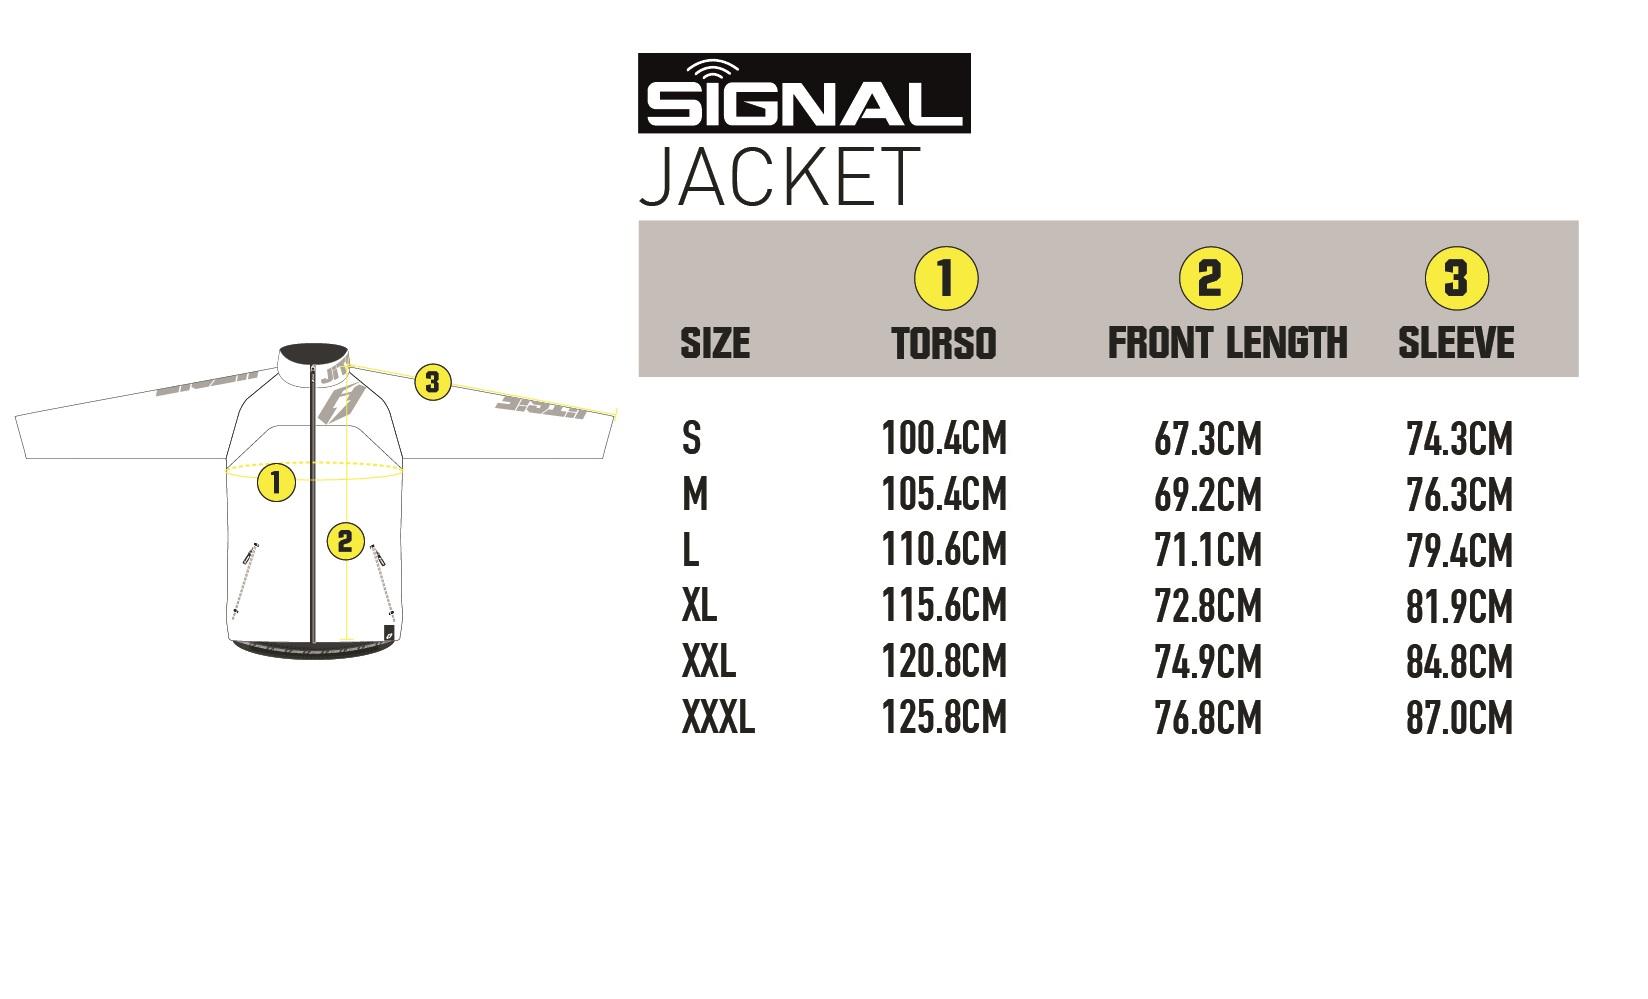 Sizechart_signal_jacket_1.jpg